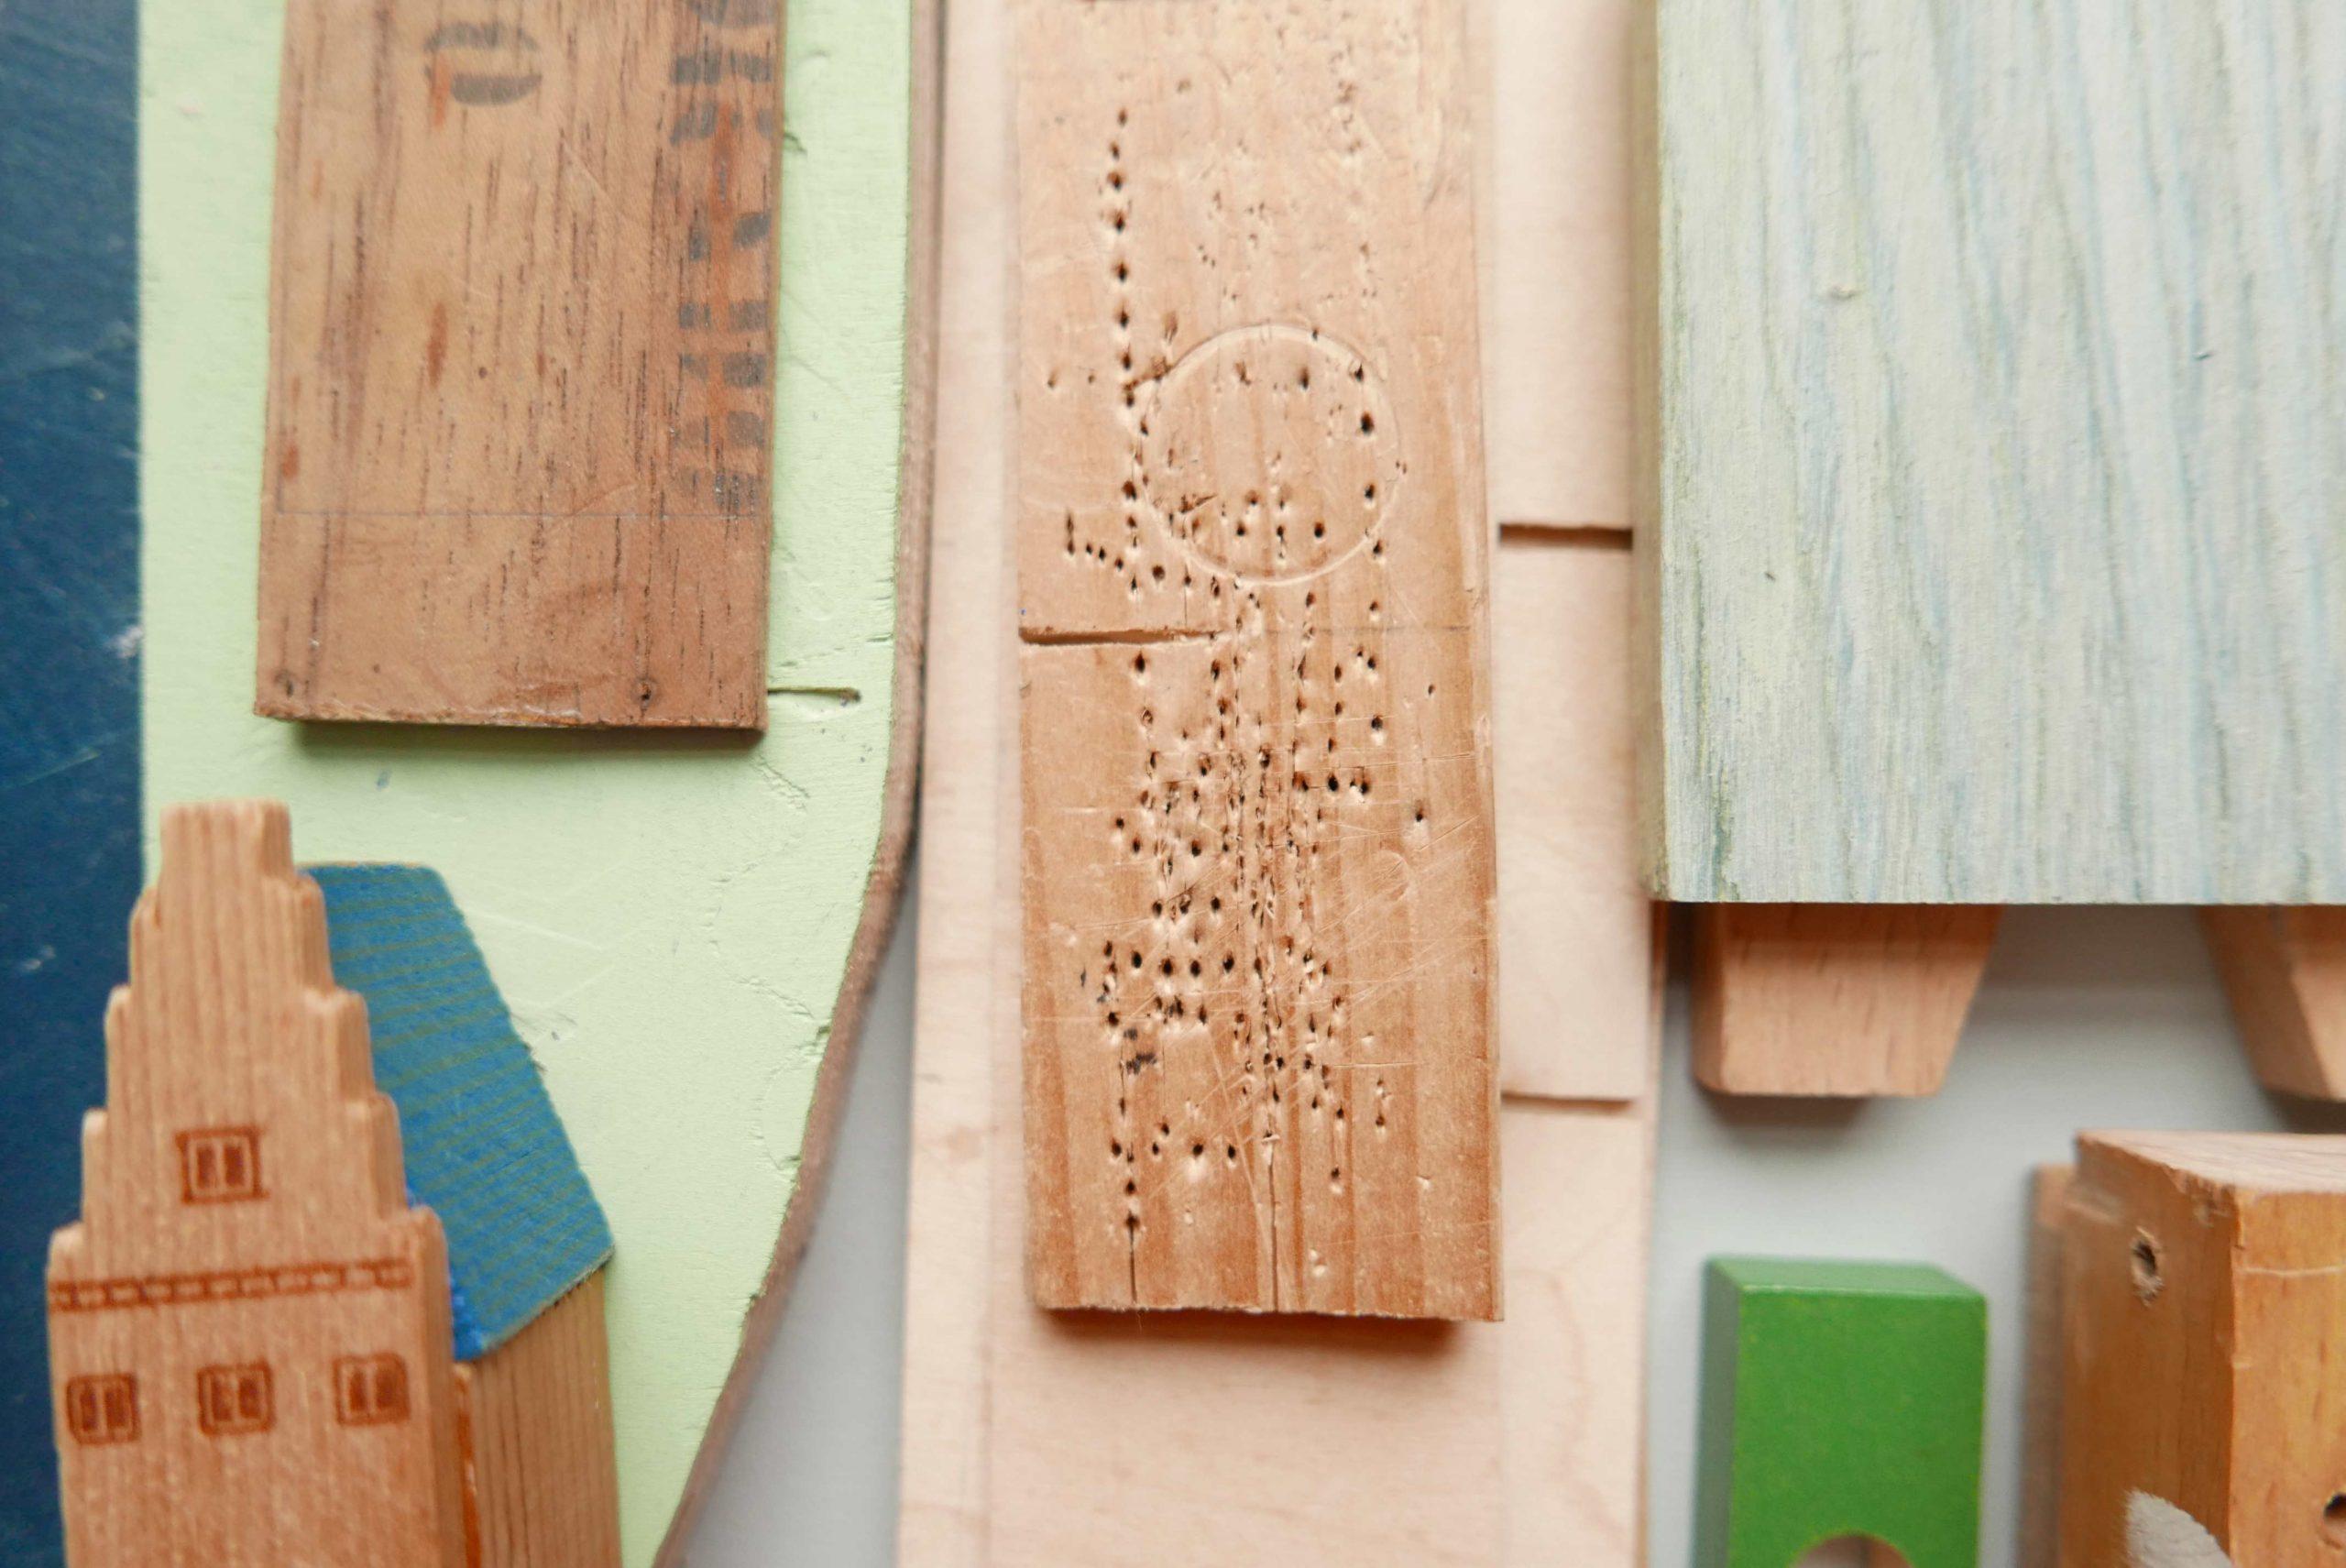 Holzklötzchen hilfreich beim Reparieren und Basteln